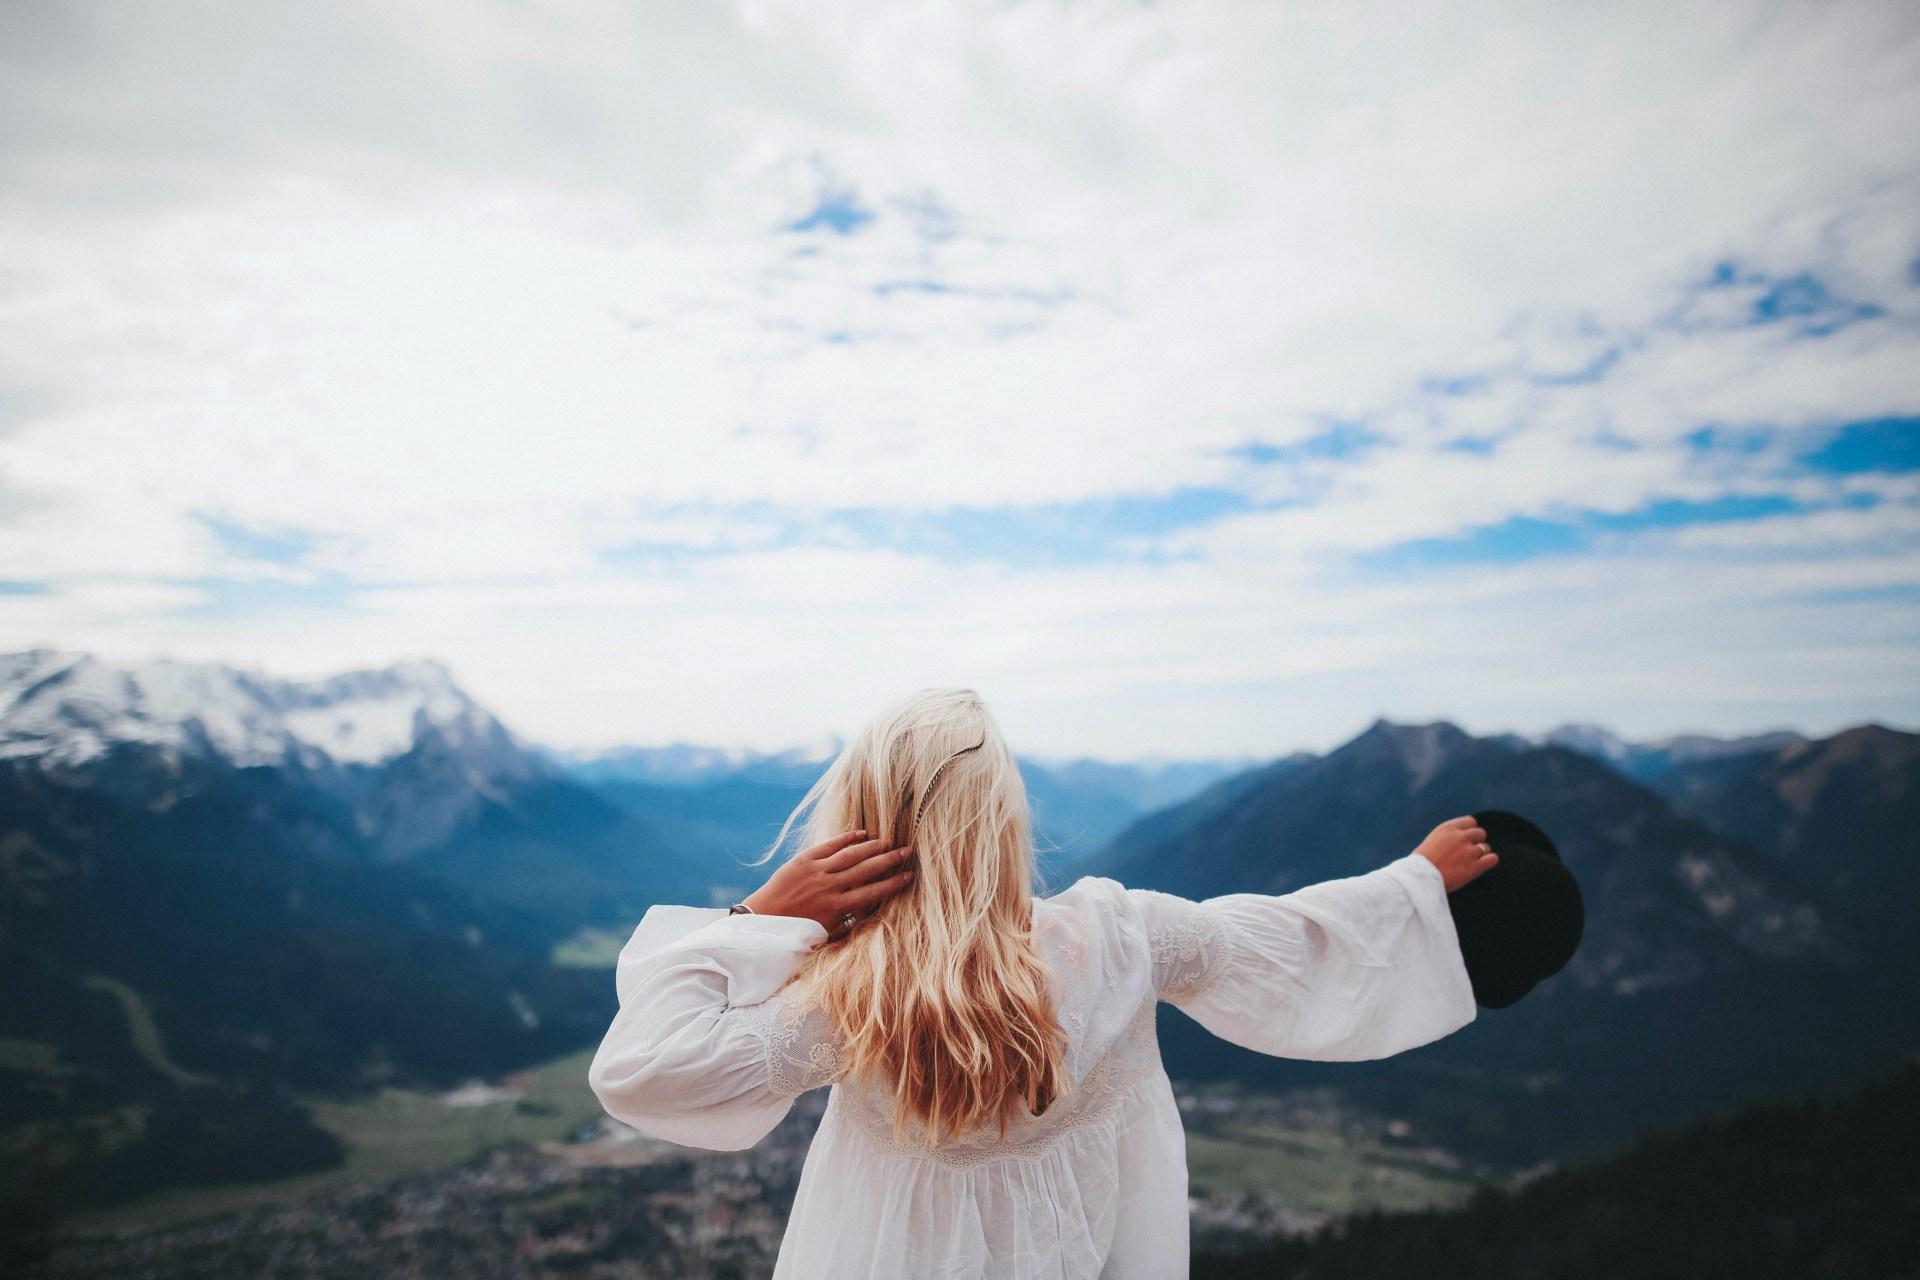 Finding Love In God's Roadblocks